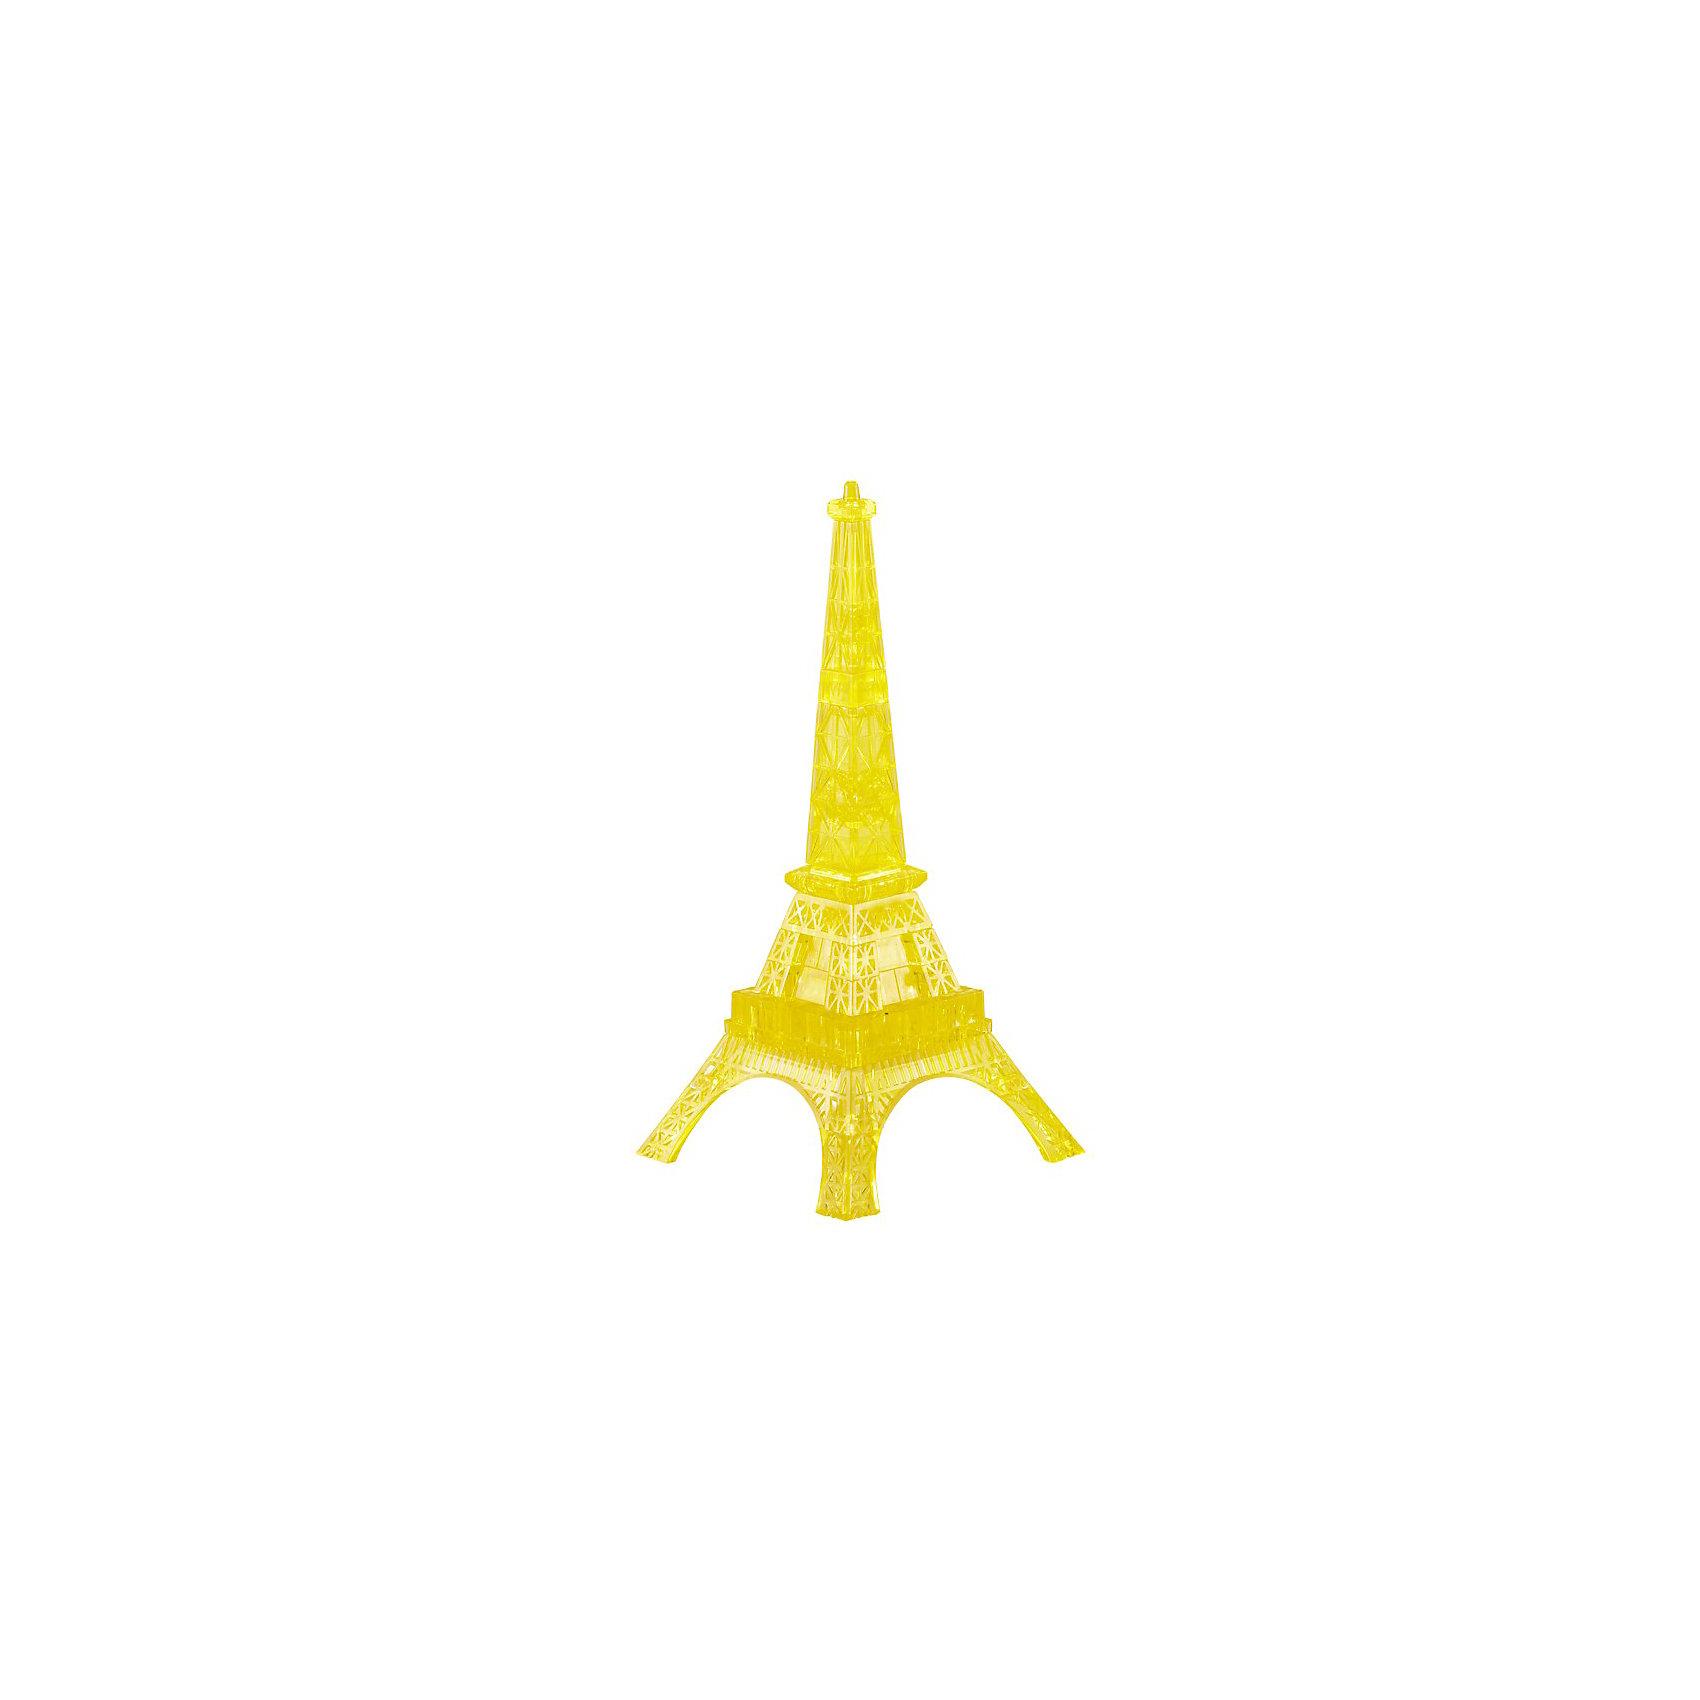 Кристаллический пазл 3D Эйфелева Башня, CreativeStudioКристаллический пазл 3D  Эйфелева Башня L, Creative Studio (Креатив Студио)- это головоломка  одна из самых сложных в серии Кристальные объемные пазлы, но и самая эффектная в собранном виде. Яркая светящаяся Эйфелева Башня станет оригинальным украшением интерьера. Детали пазла выполнены из полупрозрачного пластика высокого качества. Они соединяются между собой без клея и образуют объемную фигуру, которую в дальнейшем можно использовать как украшение интерьера или в качестве сувенира. Для сборки модели надо разместить детали пазла в правильной последовательности. Когда фигура собрана, в нее нужно вставить фиксирующий элемент, который придаст ей прочности.<br>Процедура сборки может быть растянута от нескольких часов до нескольких дней, если не смотреть в инструкцию-подсказку (прилагается в наборе) и не обращать внимания на цифры с обратной стороны кусочков мозаики - это порядок сборки. Игра рассчитана на абсолютно разную возрастную аудиторию, поскольку требует усидчивости и терпения при подгонке деталей, плоских и сужающихся в местах стыковок. Все детали хорошо отполированы, блестят, без острых краев и трещин. Собранная своими руками игрушка будет для ребенка гораздо дороже, чем готовая ведь он вложил в нее свой драгоценный труд. Сборные модели и игрушки уникальны и отвечают потребностям самых разных возрастных групп, дарят людям радость творчества.<br><br>Дополнительная информация:<br><br>- Набор состоит из 24 деталей и инструкции;<br>- Детали крепятся друг к другу без клея;<br>- Уровень сложности: высокий;<br>- Обучающая, яркая и реалистичная модель;<br>- Идеально и легко собирается без инструментов;<br>- Увлекательный игровой процесс;<br>- Собранный 3D пазл можно использовать как обычную игрушку, как украшение комнаты или рабочего места;<br>- Материал: пластик;<br>- С подсветкой;<br>- Работает от двух дисковых батареек: в комплект не входят;<br>- Размер упаковки: 4 х 14 х 9 см;<br>- Вес : 300 г  <br><br>Кристалл